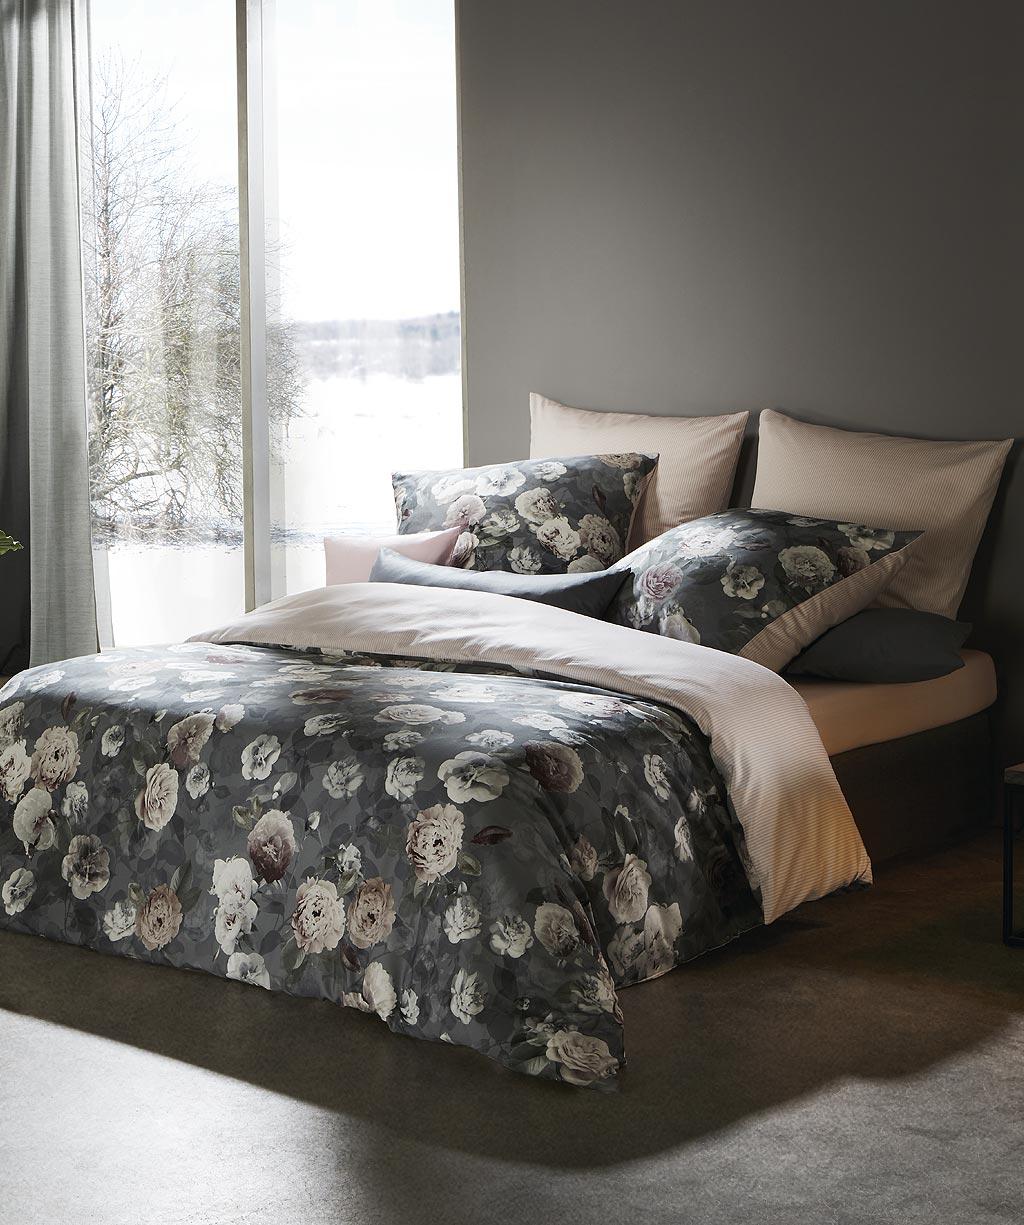 Edle Blumen Bettwäsche in Grau aus feinem Mako Satin - Digitaldruck